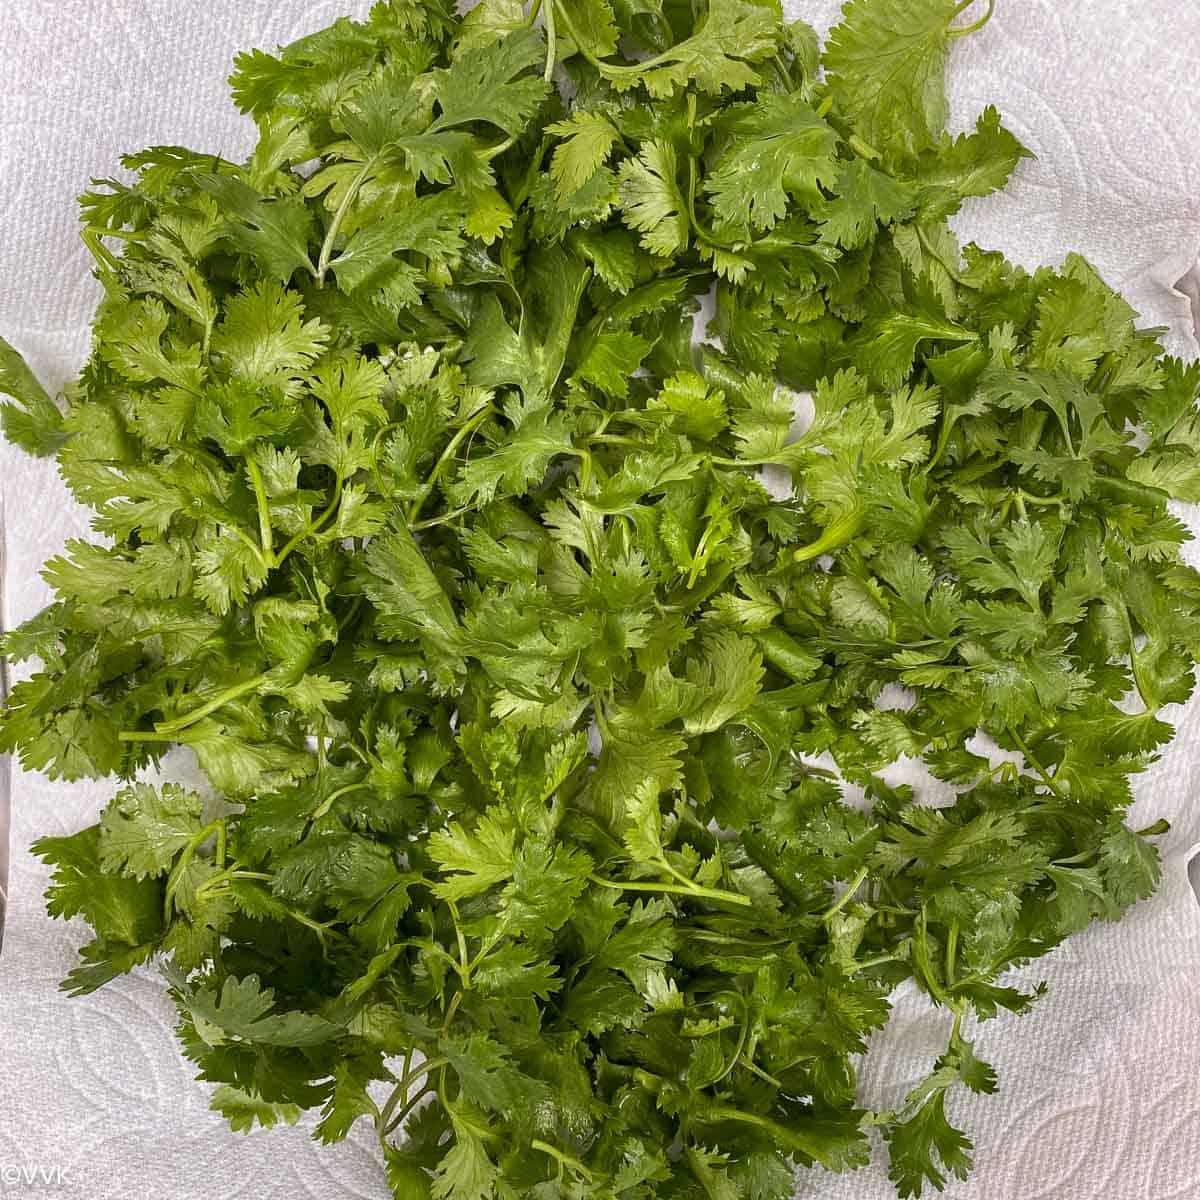 washed cilantro